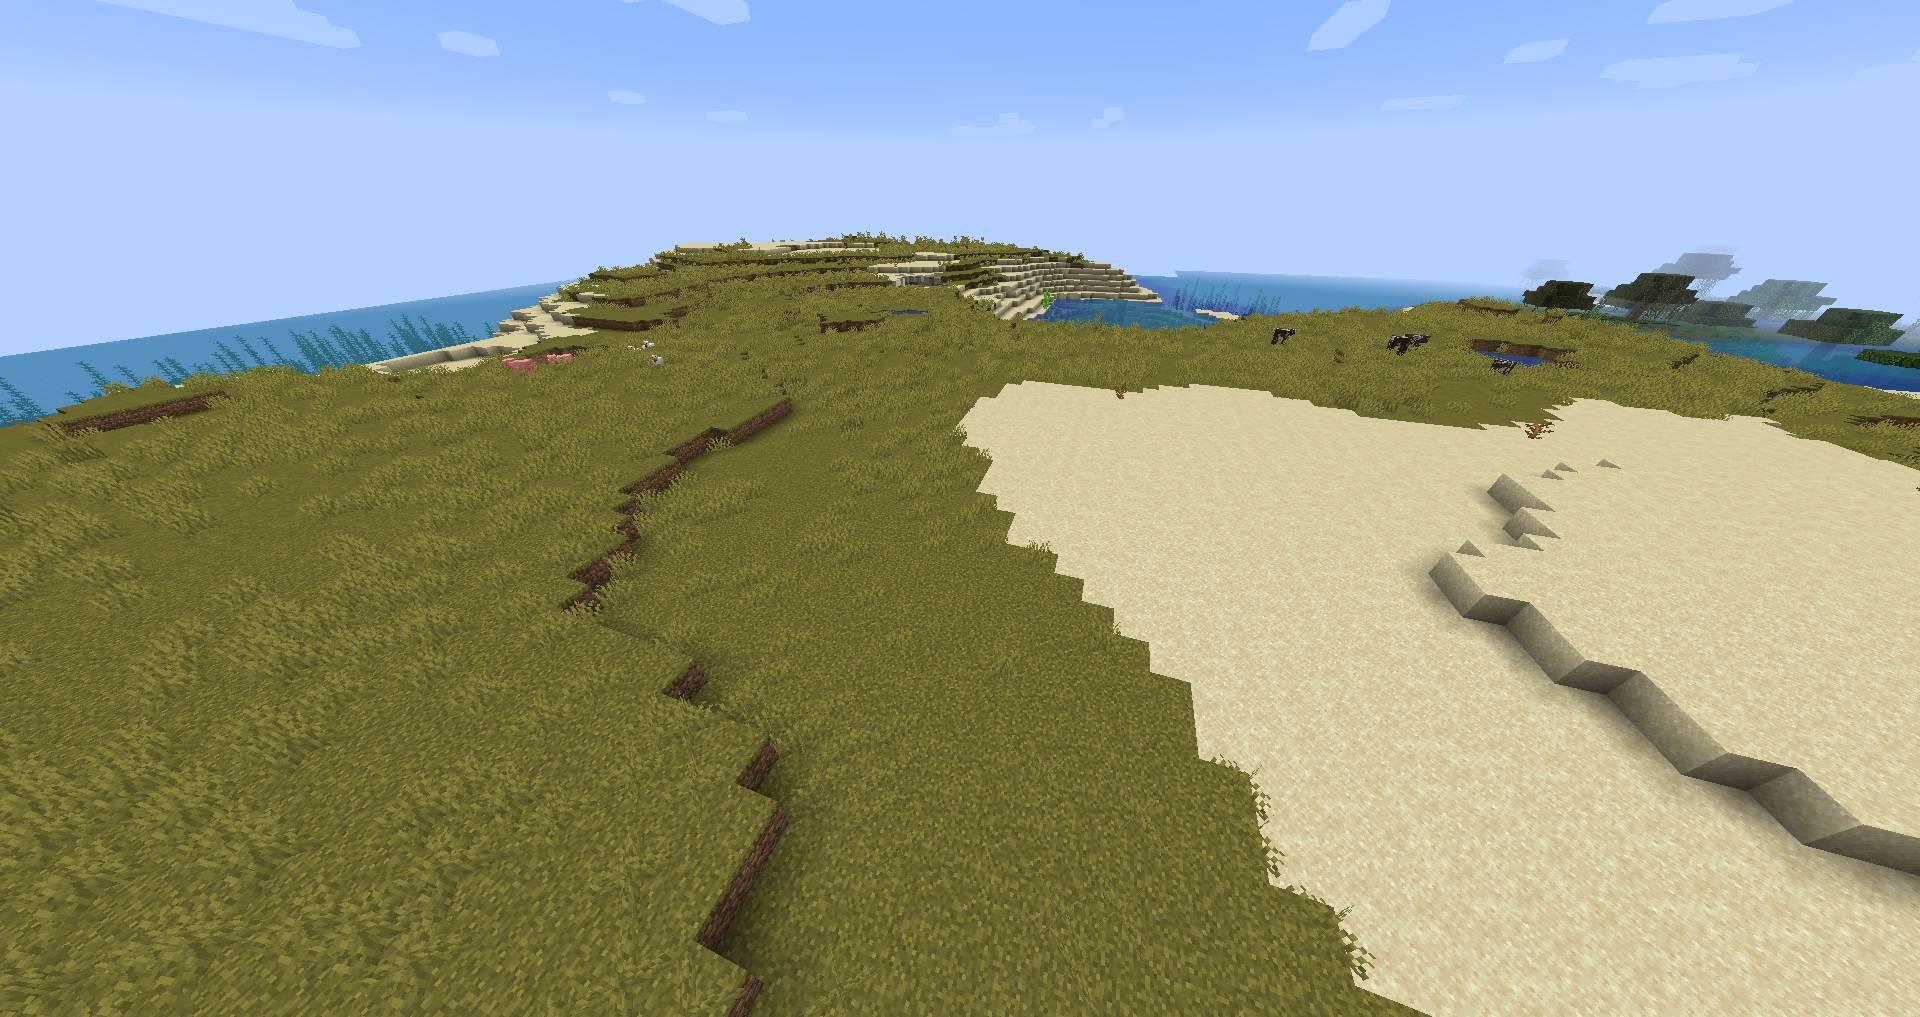 Voyage mod for minecraft 33